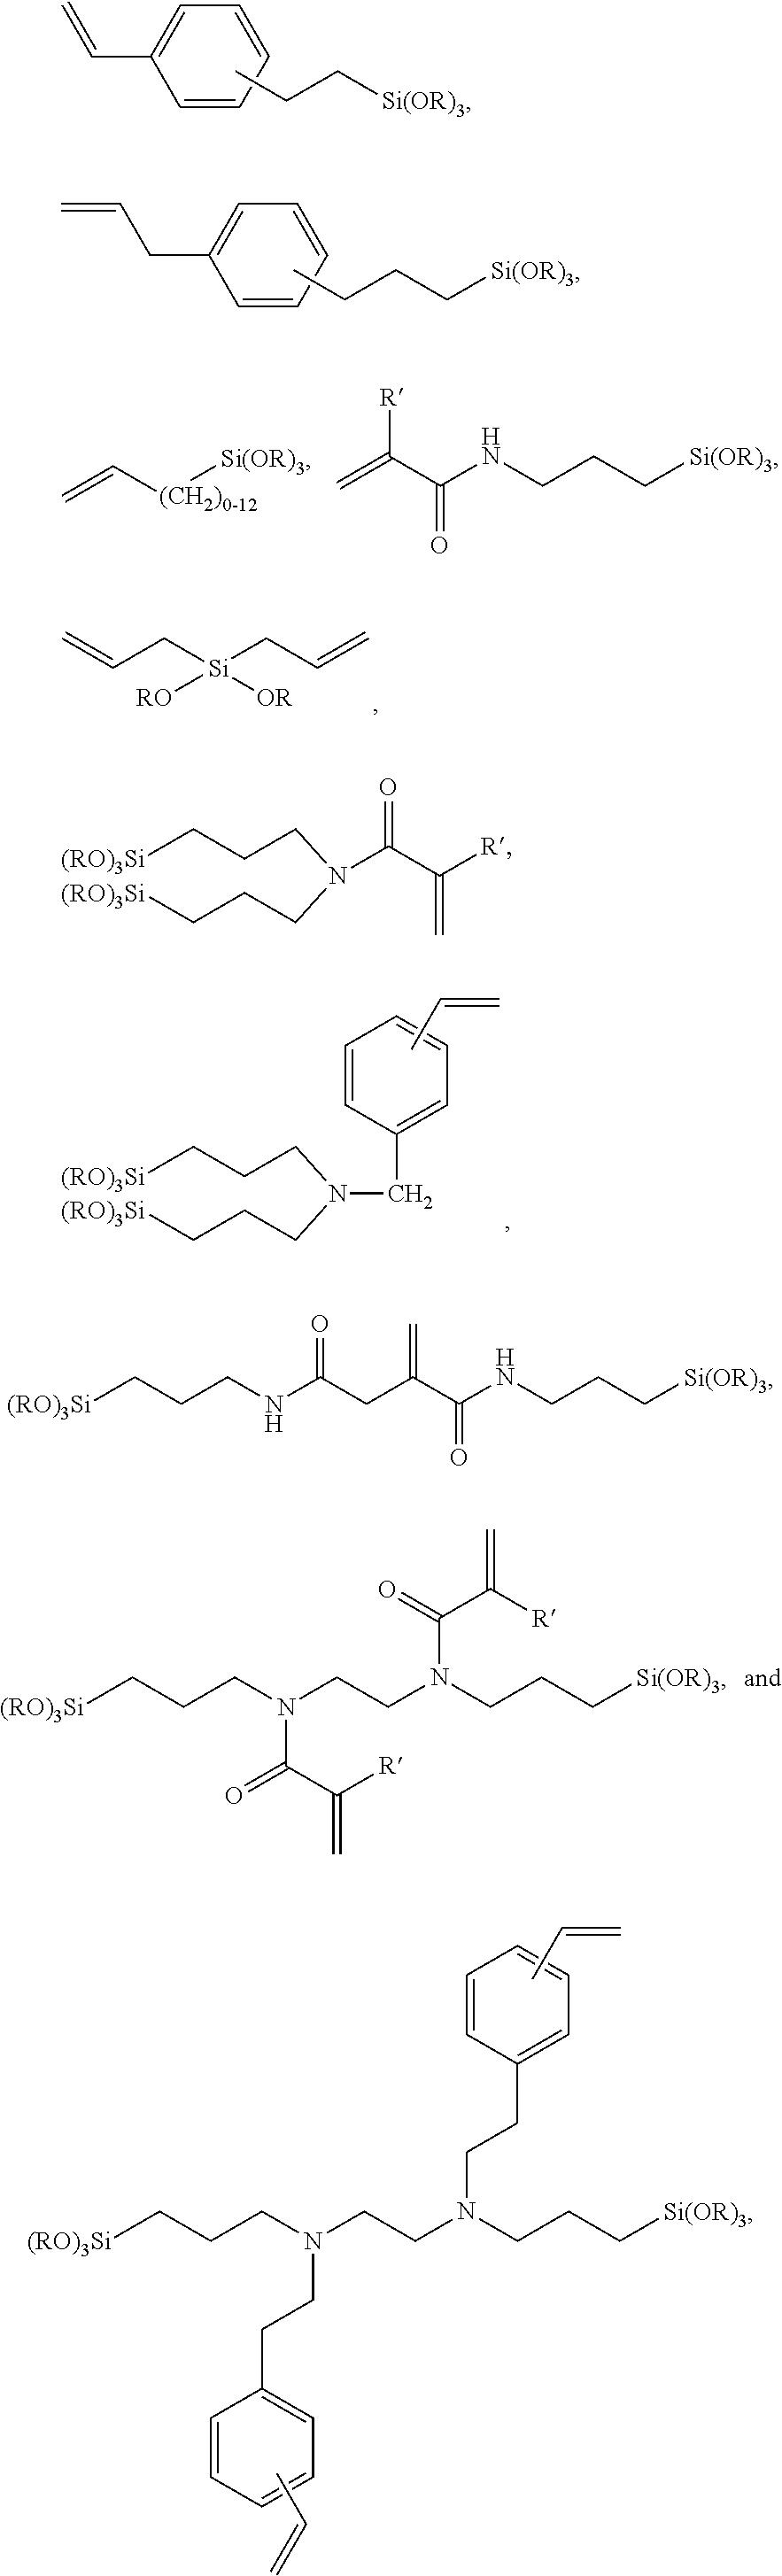 Figure US09546257-20170117-C00027